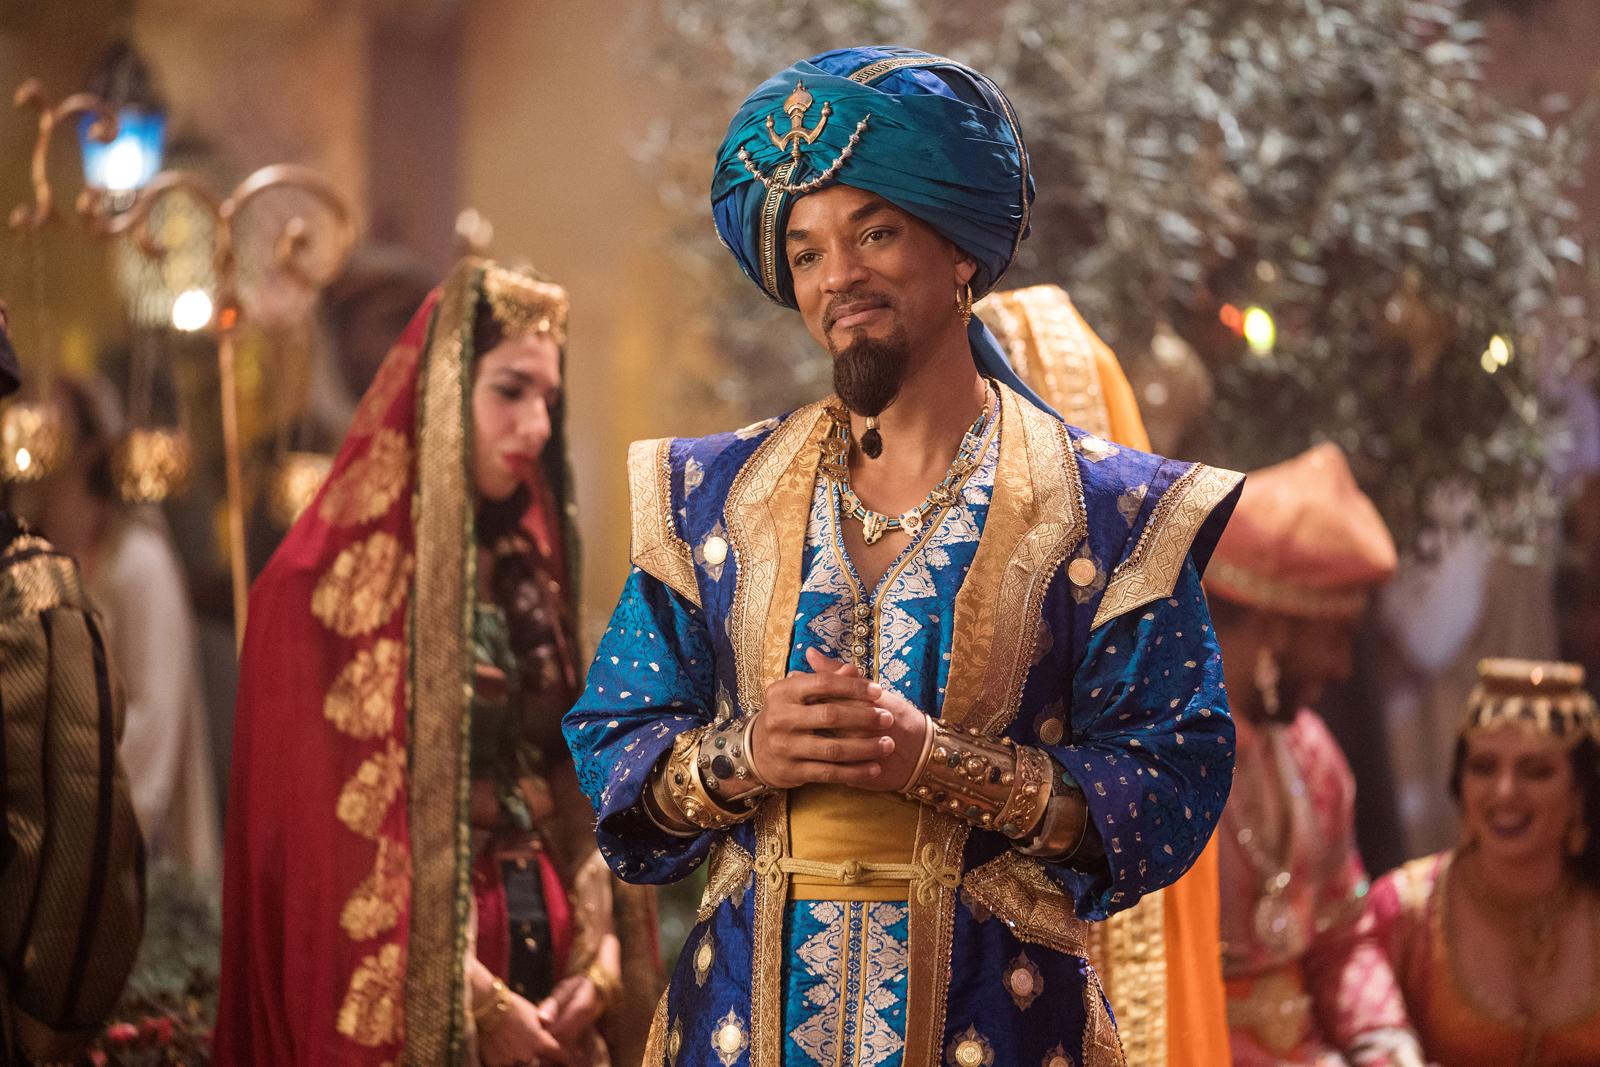 Aladdin filmi konusu